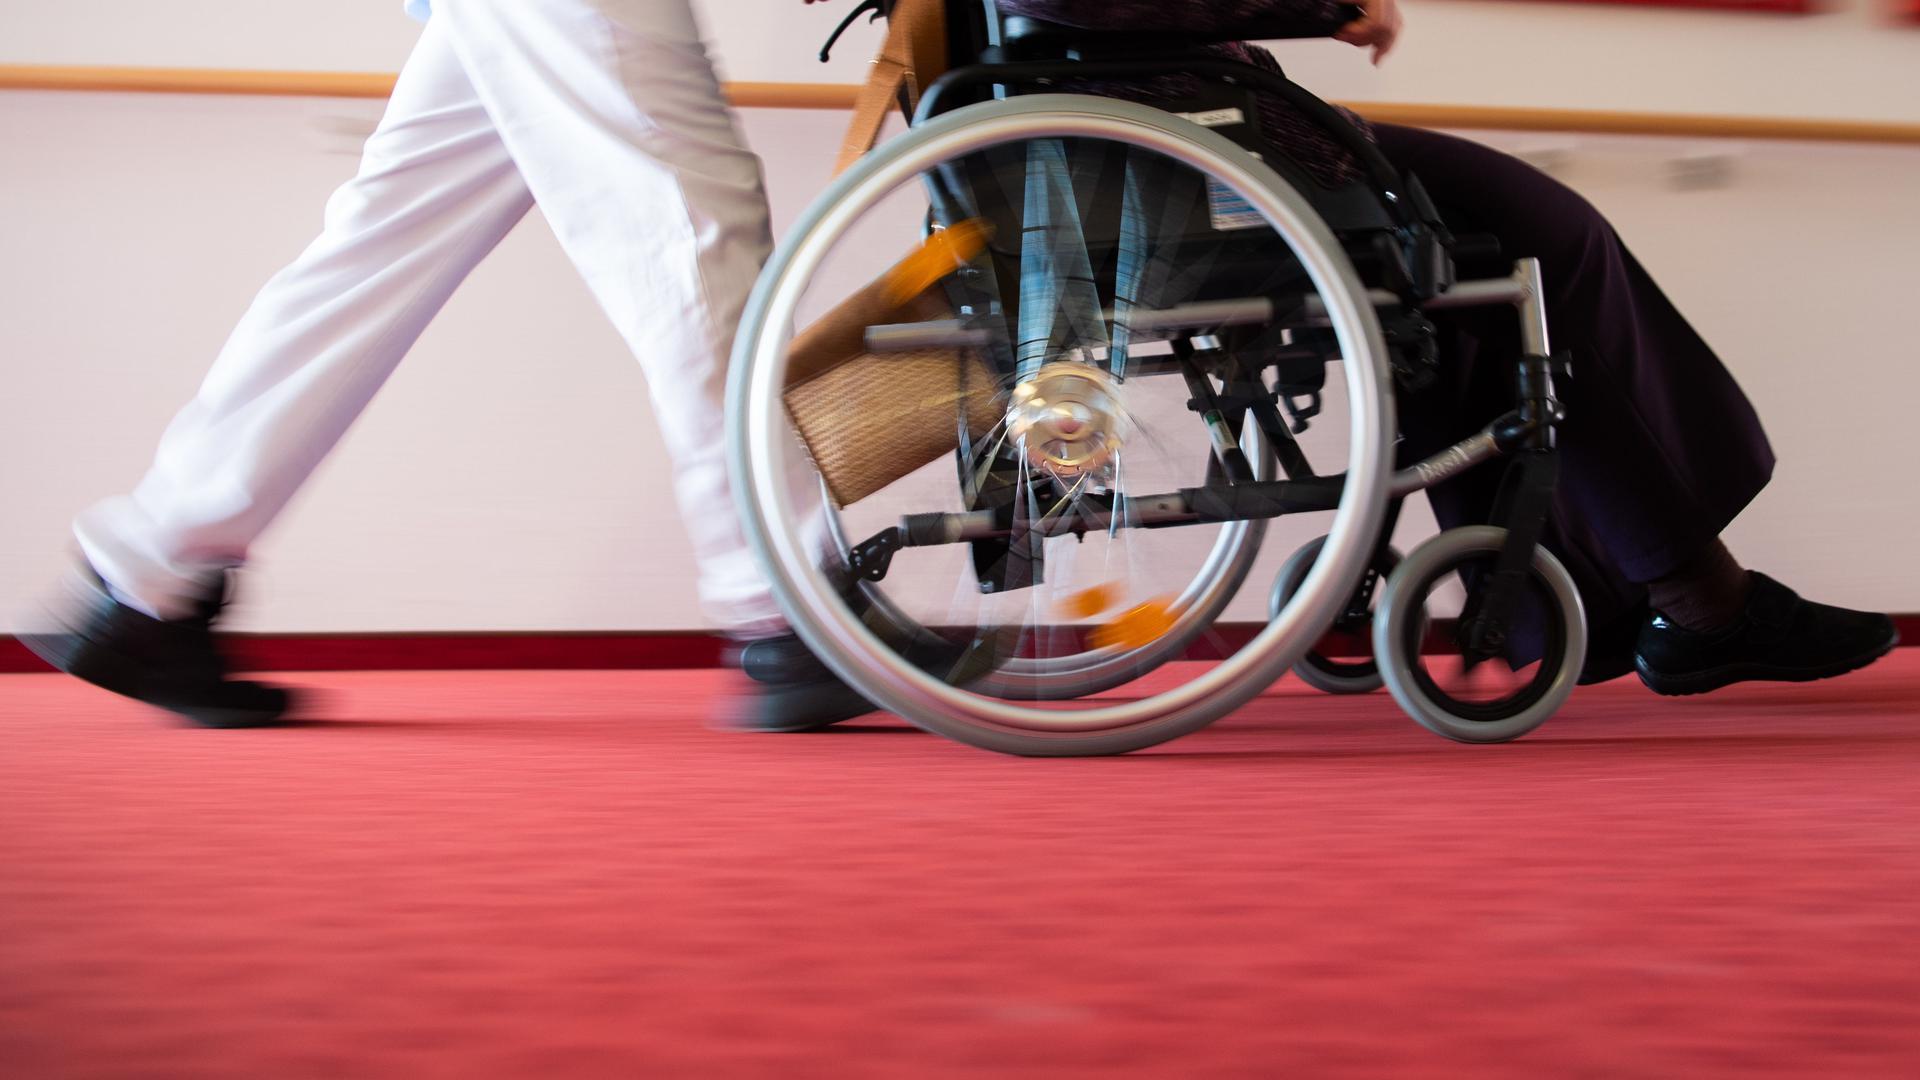 ARCHIV - 15.01.2020, ---: Ein Pfleger eines Pflegeheims schiebt eine Bewohnerin mit einem Rollstuhl. (zu dpa «Anwerbung ausländischer Pflegekräfte stockt wegen Corona») Foto: Tom Weller/dpa +++ dpa-Bildfunk +++   Verwendung weltweit